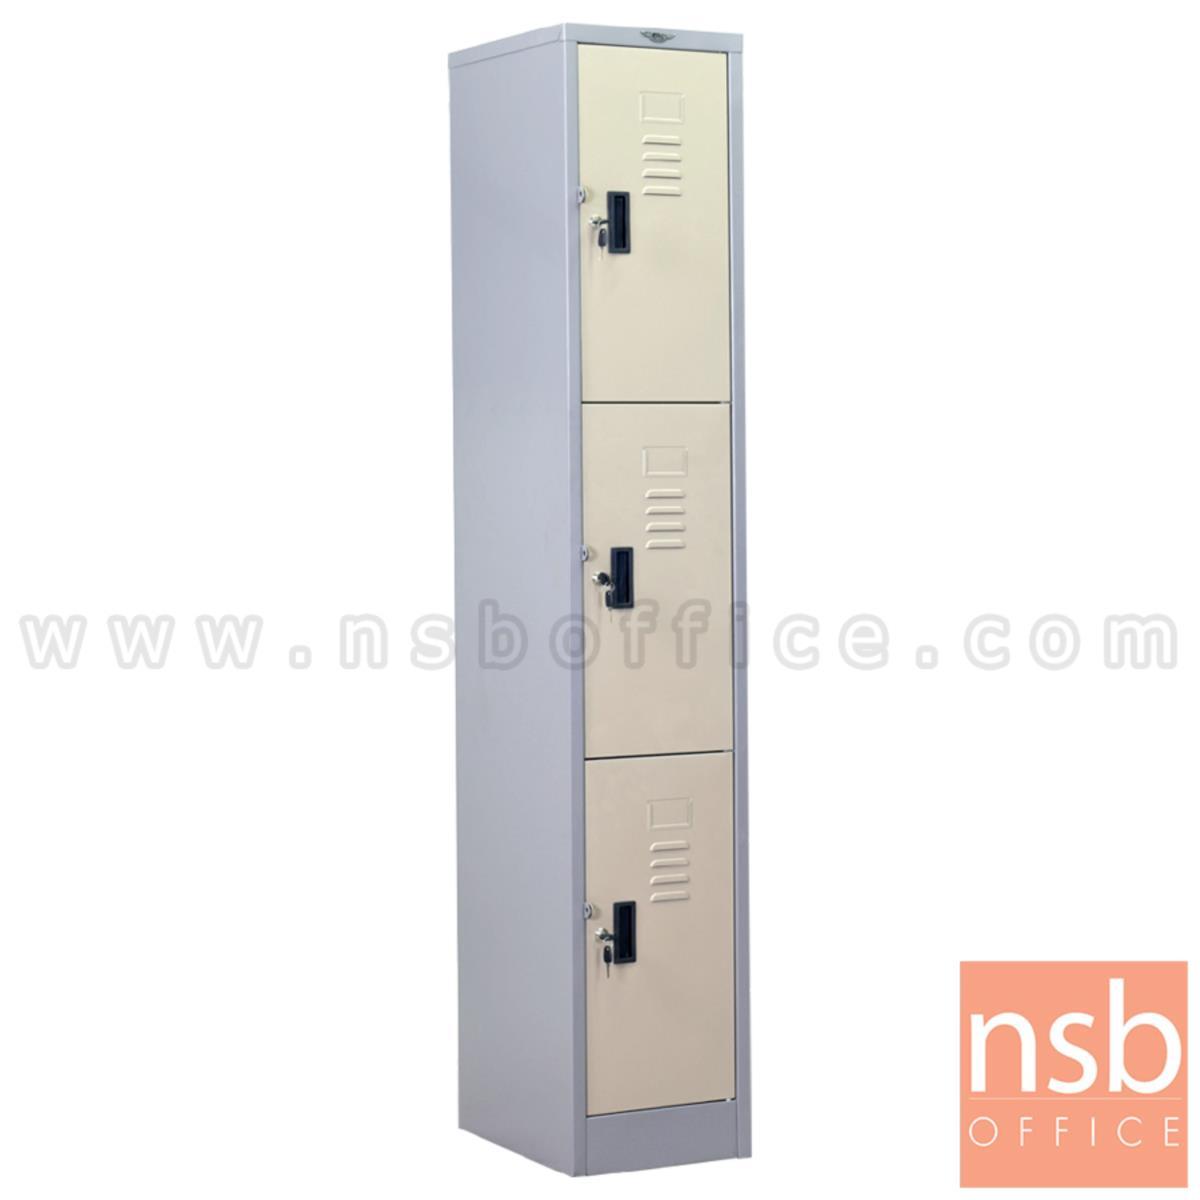 E03A049:ตู้ล็อคเกอร์ 3 ประตู รุ่น Belfast (เบลฟาสต์)  มีกุญแจล็อค